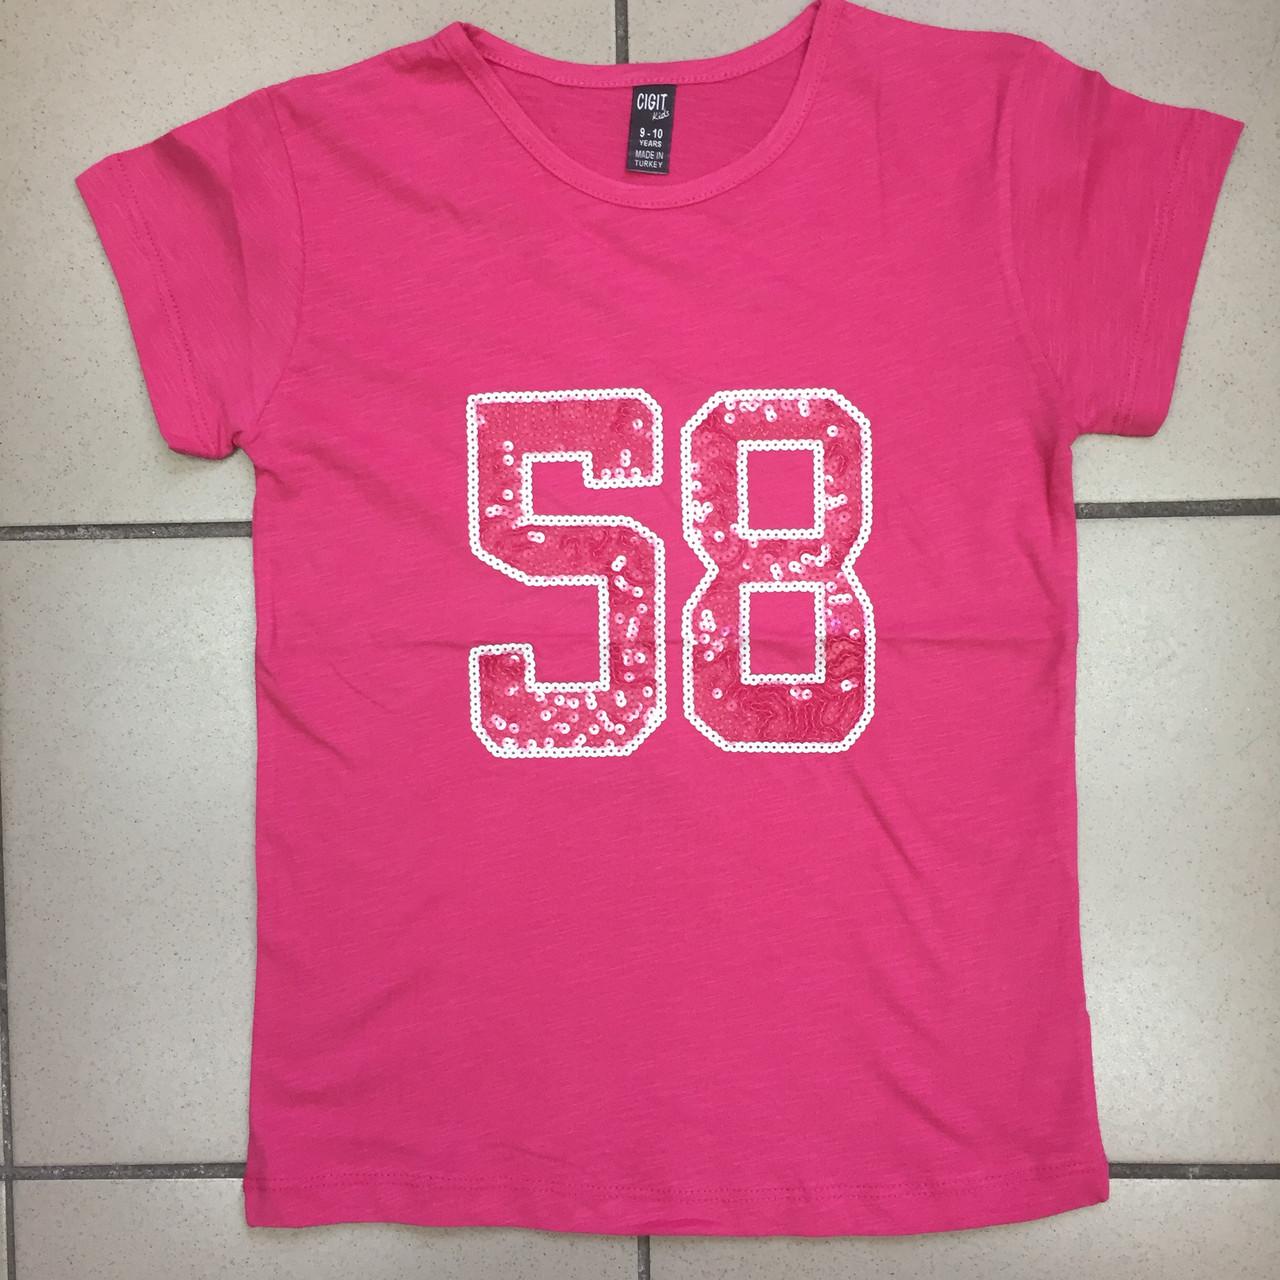 Детская одежда оптом Футболка для девочек-подростков оптом р.9-12 лет